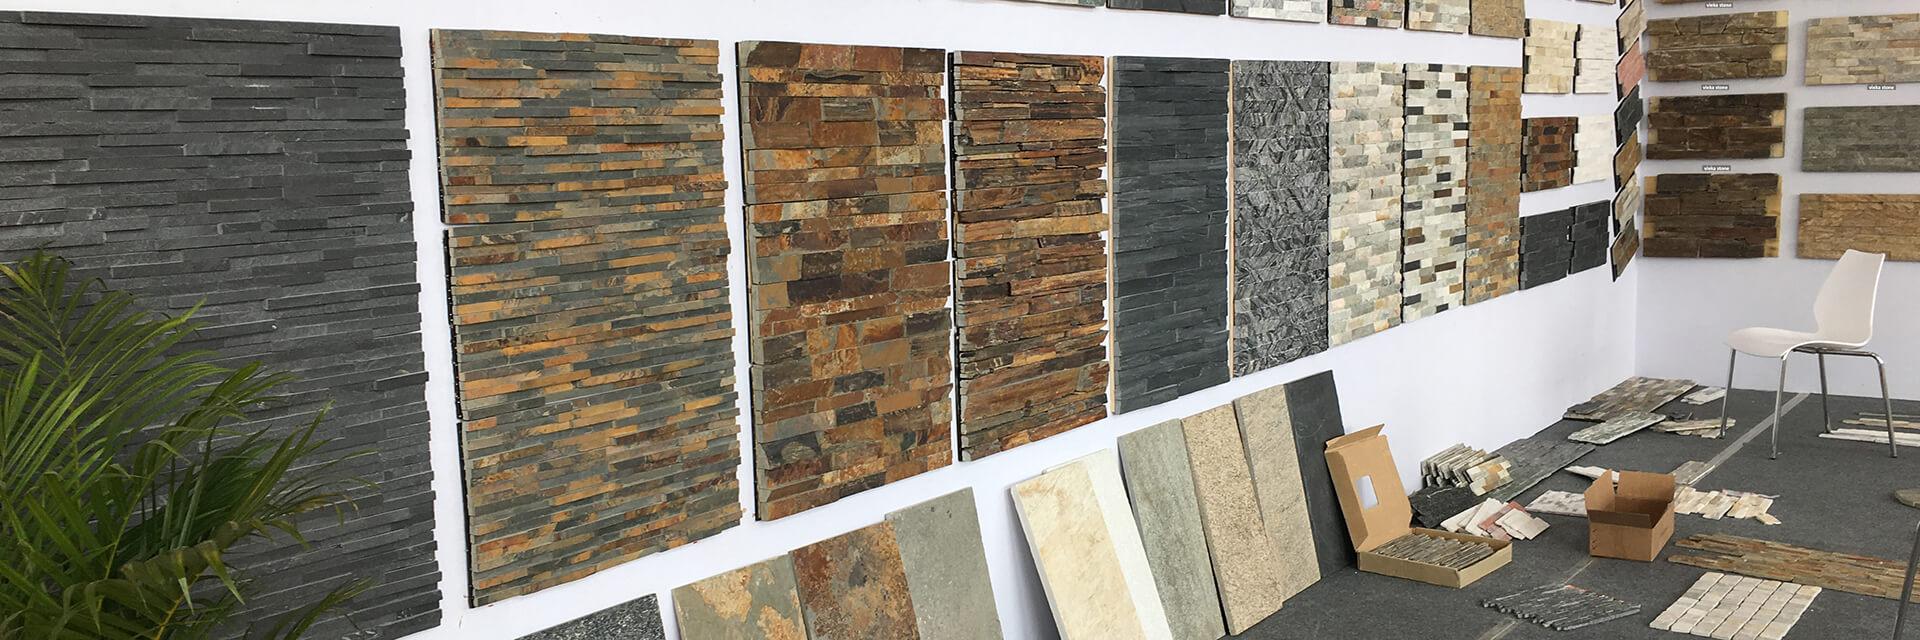 natural stone wall panel cladding -china manufacture vieka stone